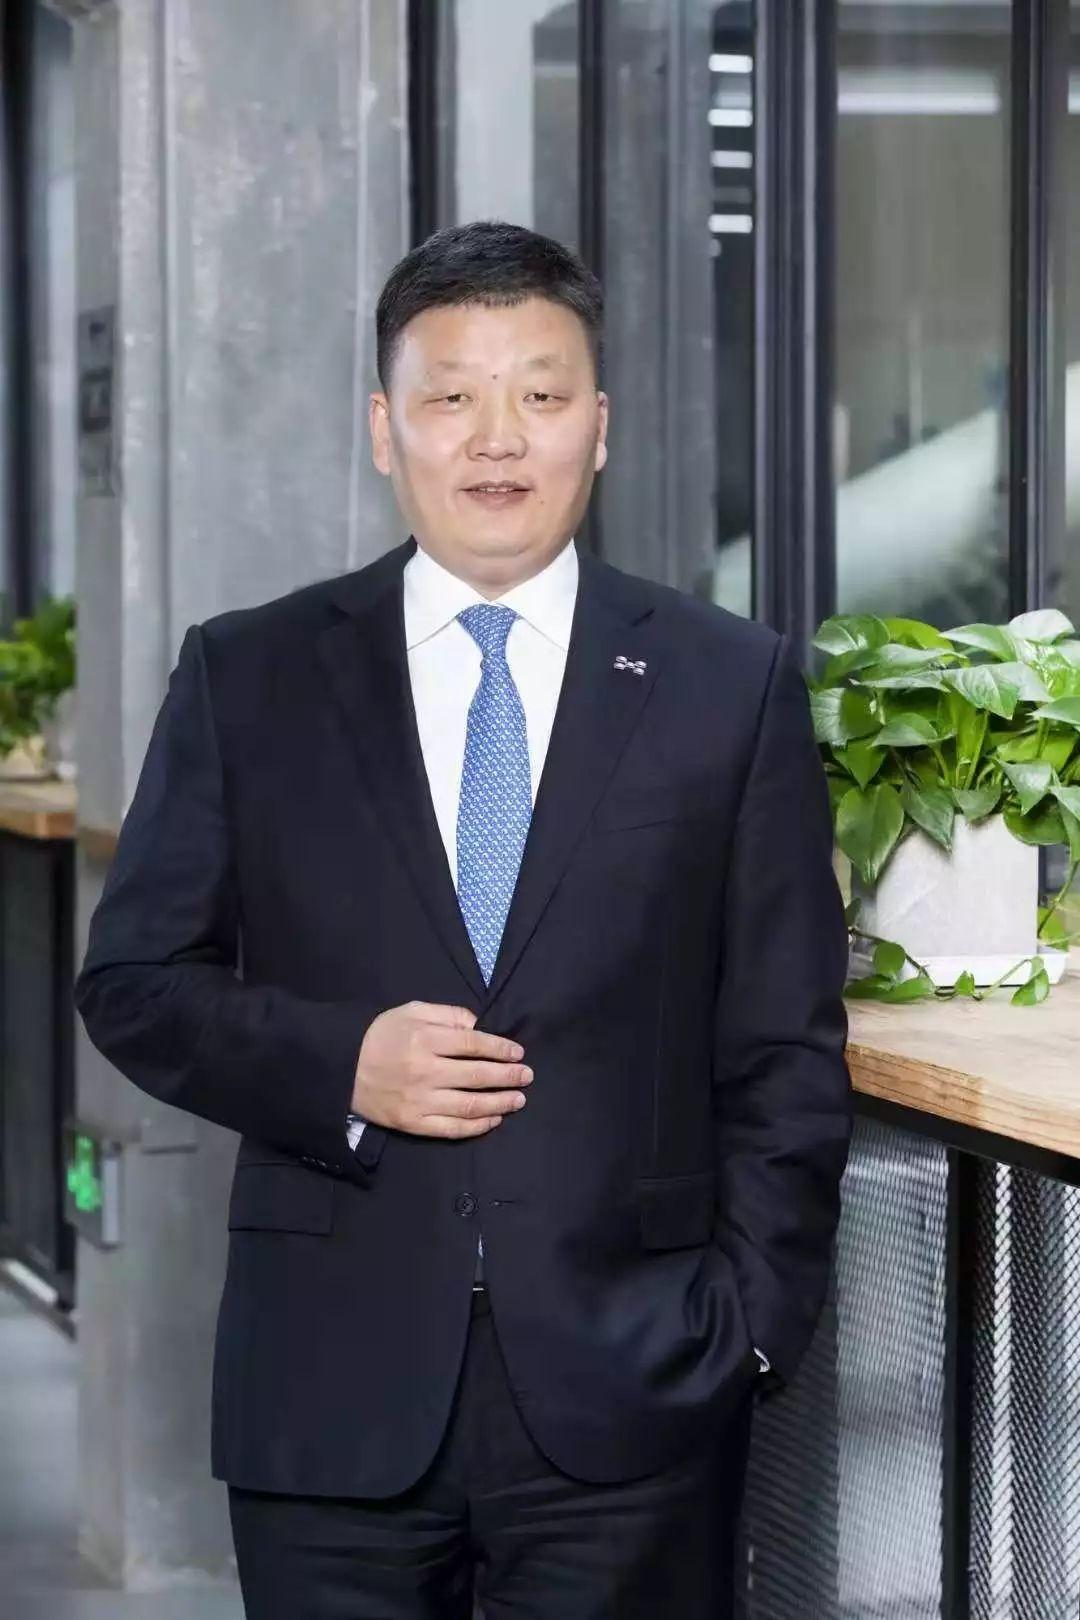 【一周行业大事件】特斯拉2021年在中国每周生产5000辆Model Y